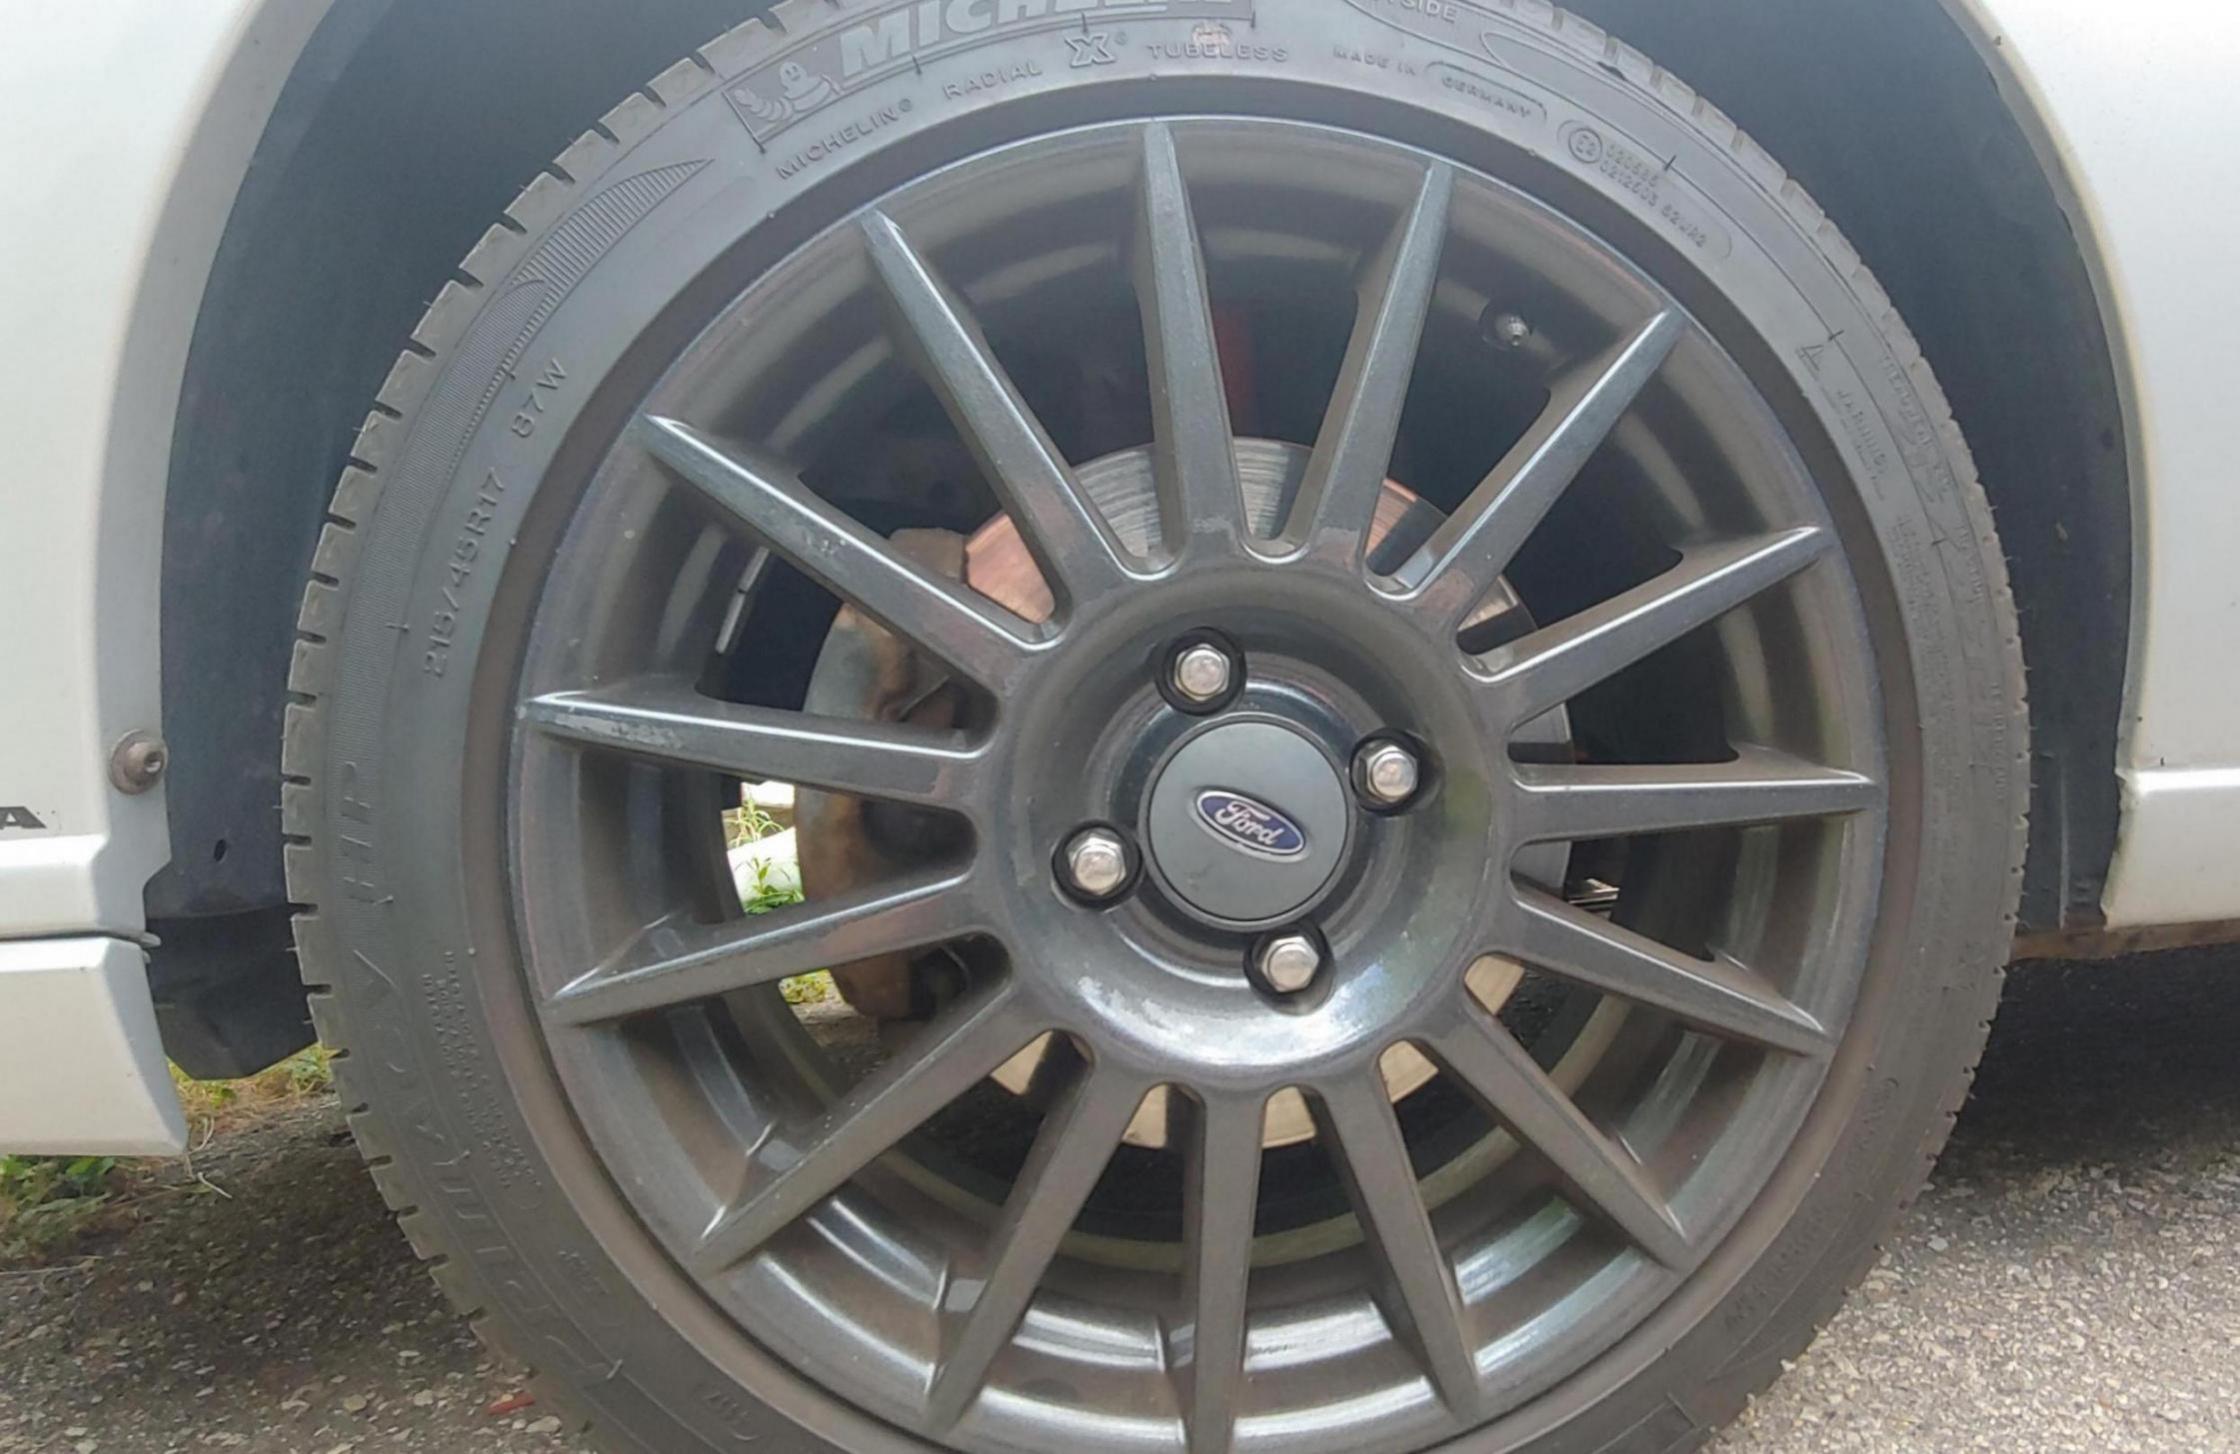 Mazda 3 brakes-20190811_145236_hdr_1565616668294.jpg